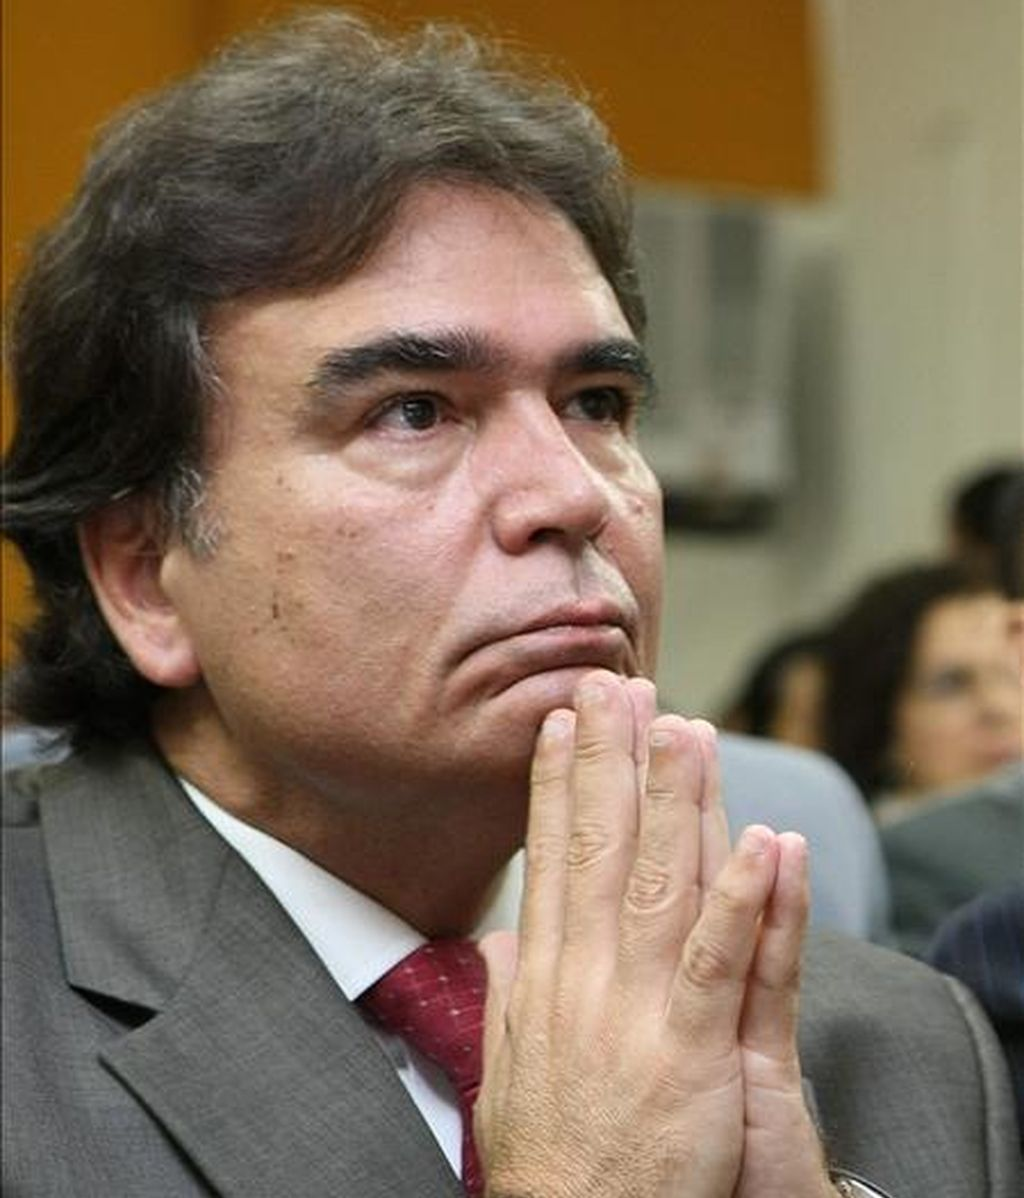 El ministro de Salud brasileño, José Gomes Temporao, afirmó que los Objetivos del Milenio en términos de la reducción de las tasas de mortalidad infantil deberán ser alcanzados por Brasil en 2012, tres años antes de lo establecido por la ONU. EFE/Archivo